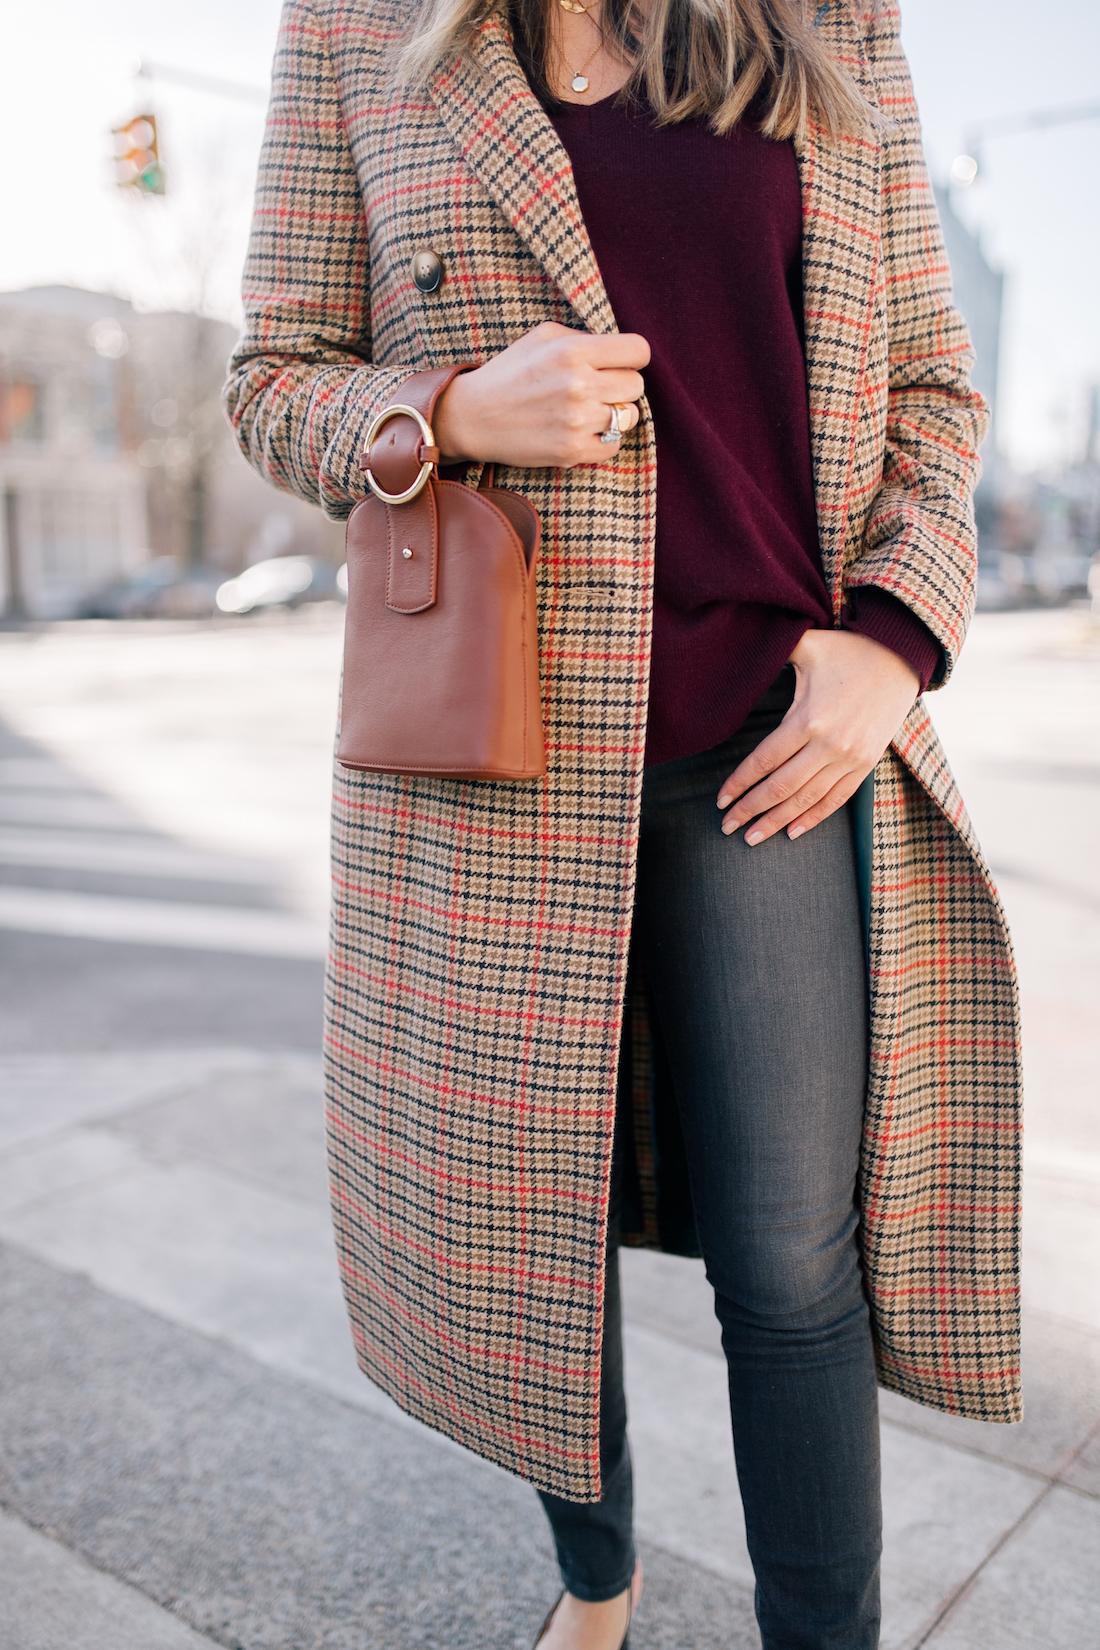 Grace's outfit details: Topshop Coat // Halogen Cashmere Sweater // Paige Jeans // Estee Lalonde x Daisy Jewellery Necklaces // Parisa Wang Bracelet Bag